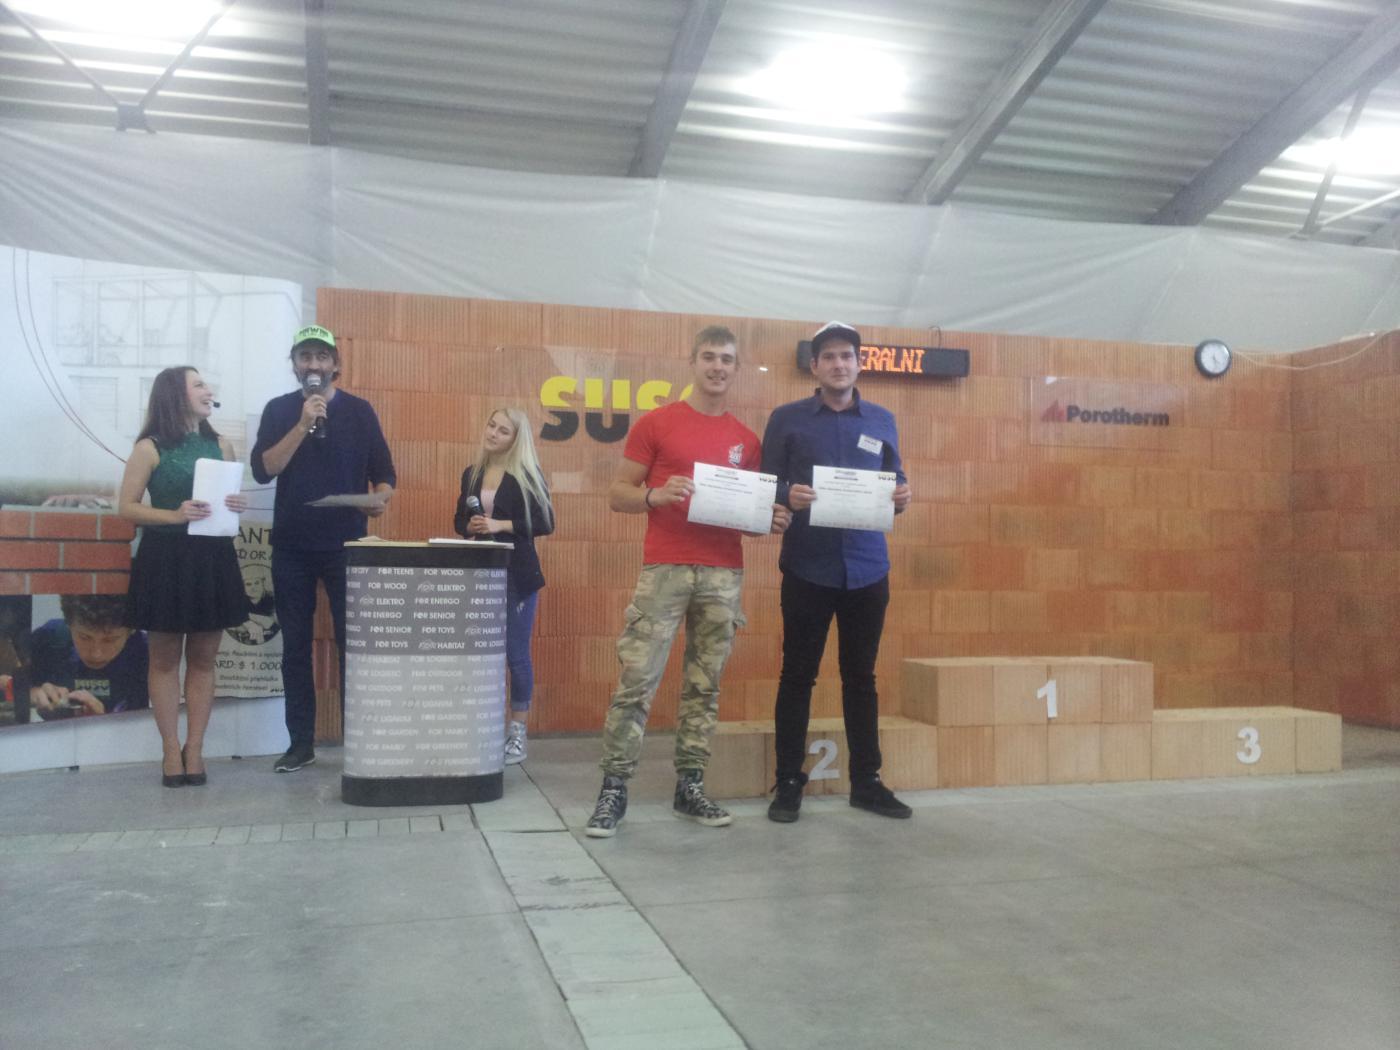 Finále soutěžní přehlídky stavebních řemesel SUSO 2017